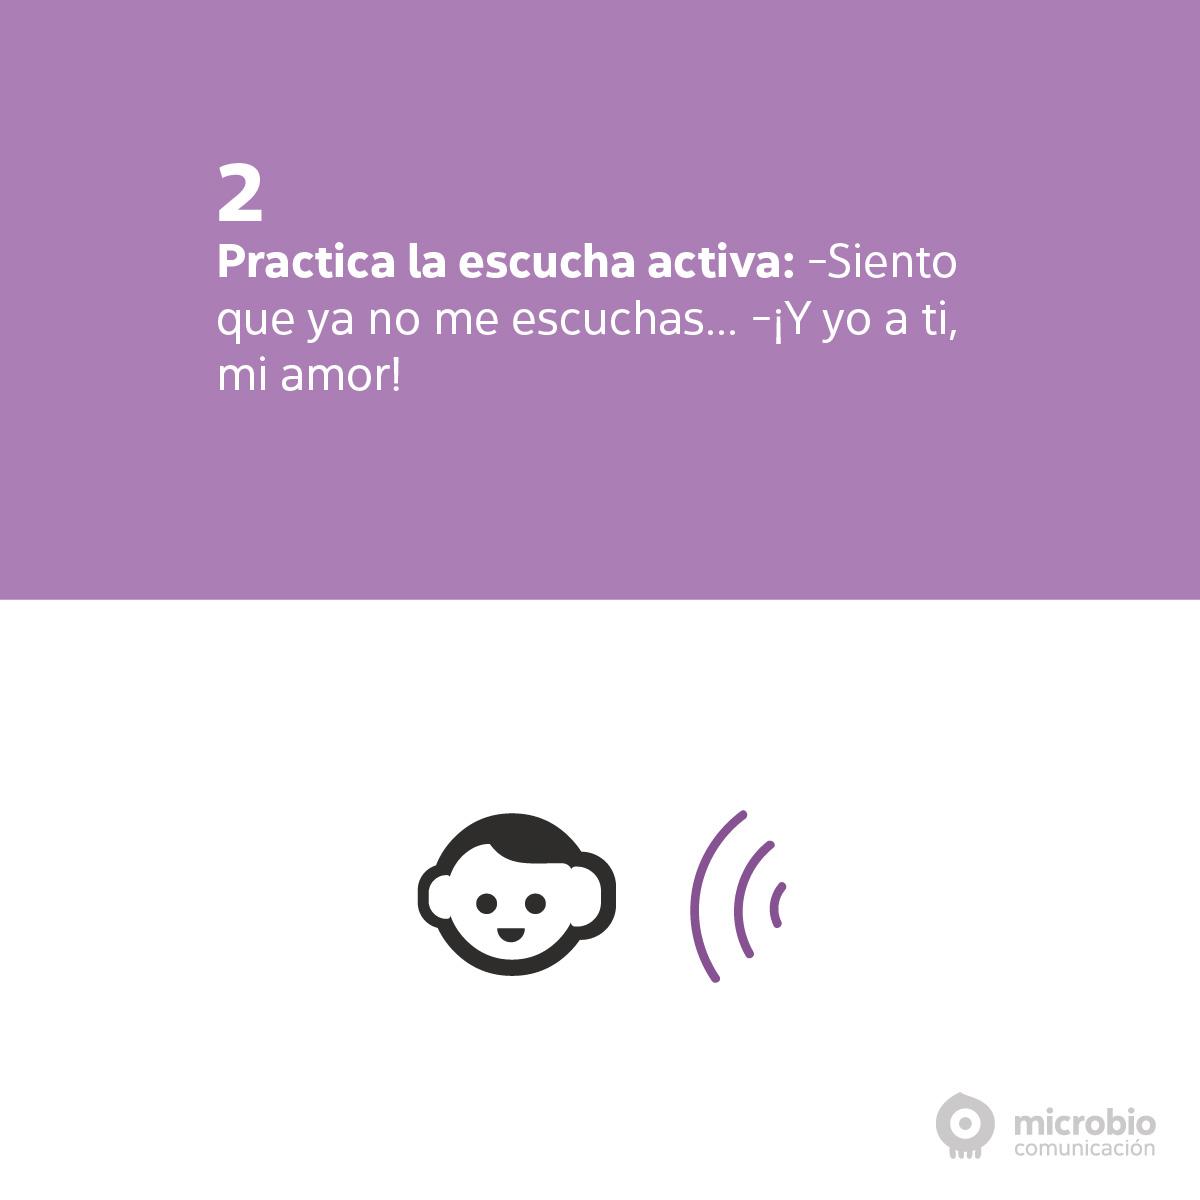 Quejas en redes sociales: escucha activa